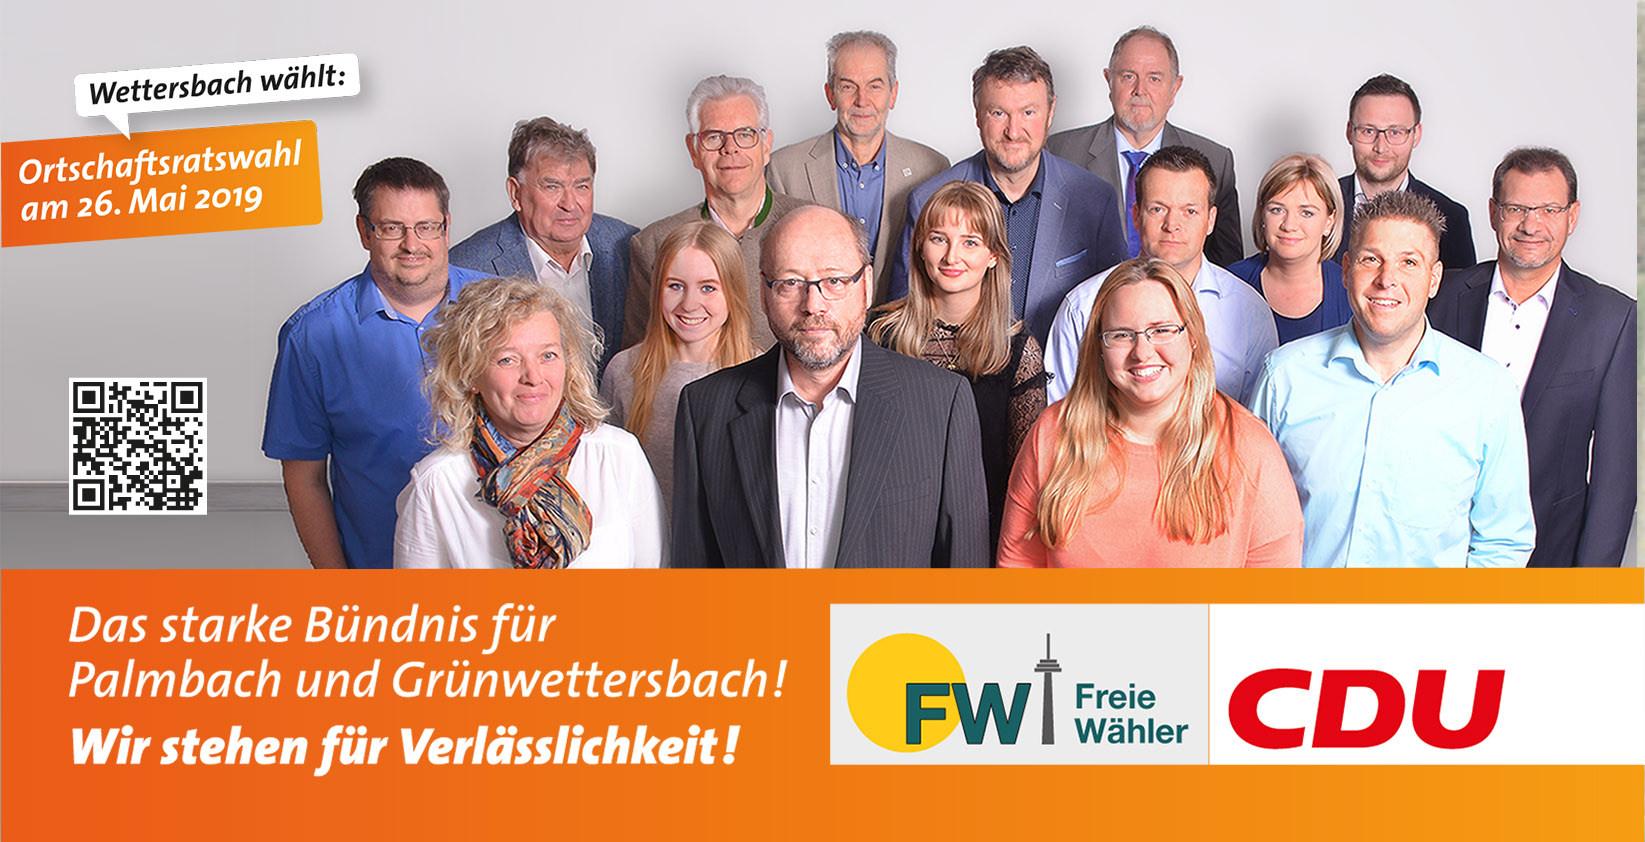 CDU-FW-Ortschaftsratskandidaten Wettersbach